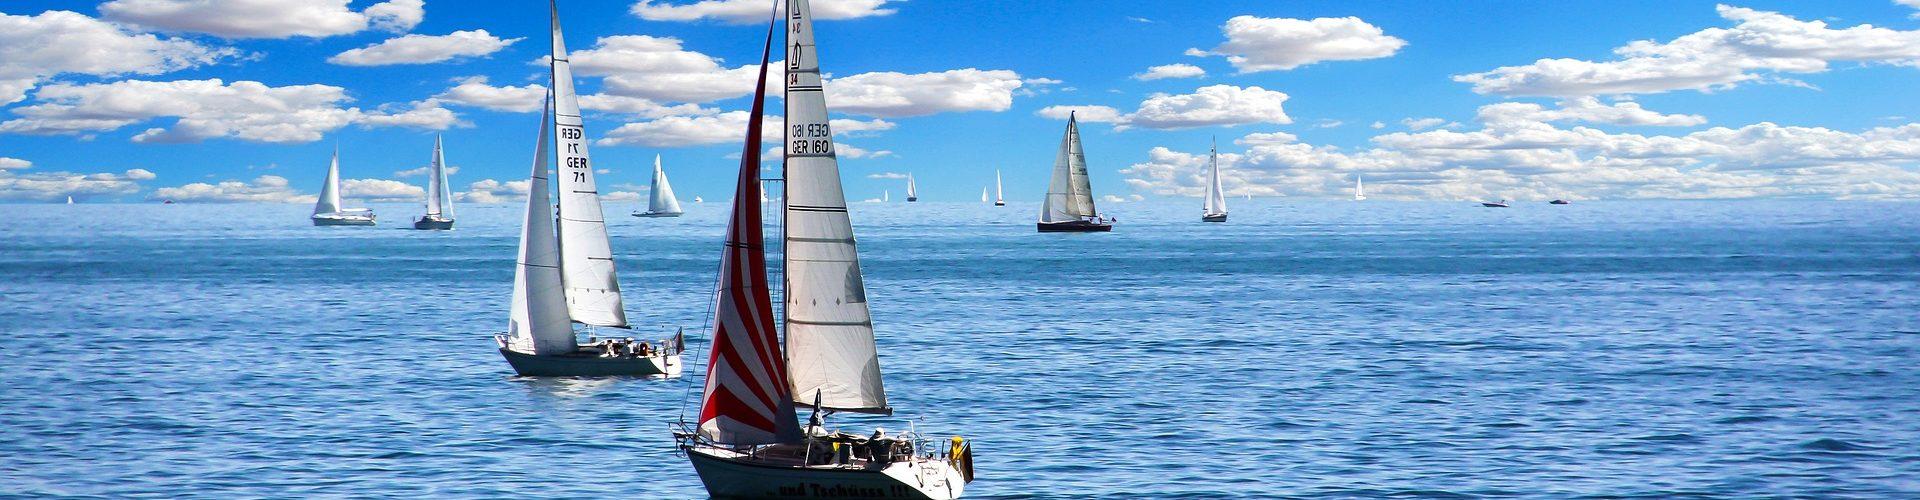 segeln lernen in Baabe segelschein machen in Baabe 1920x500 - Segeln lernen in Baabe